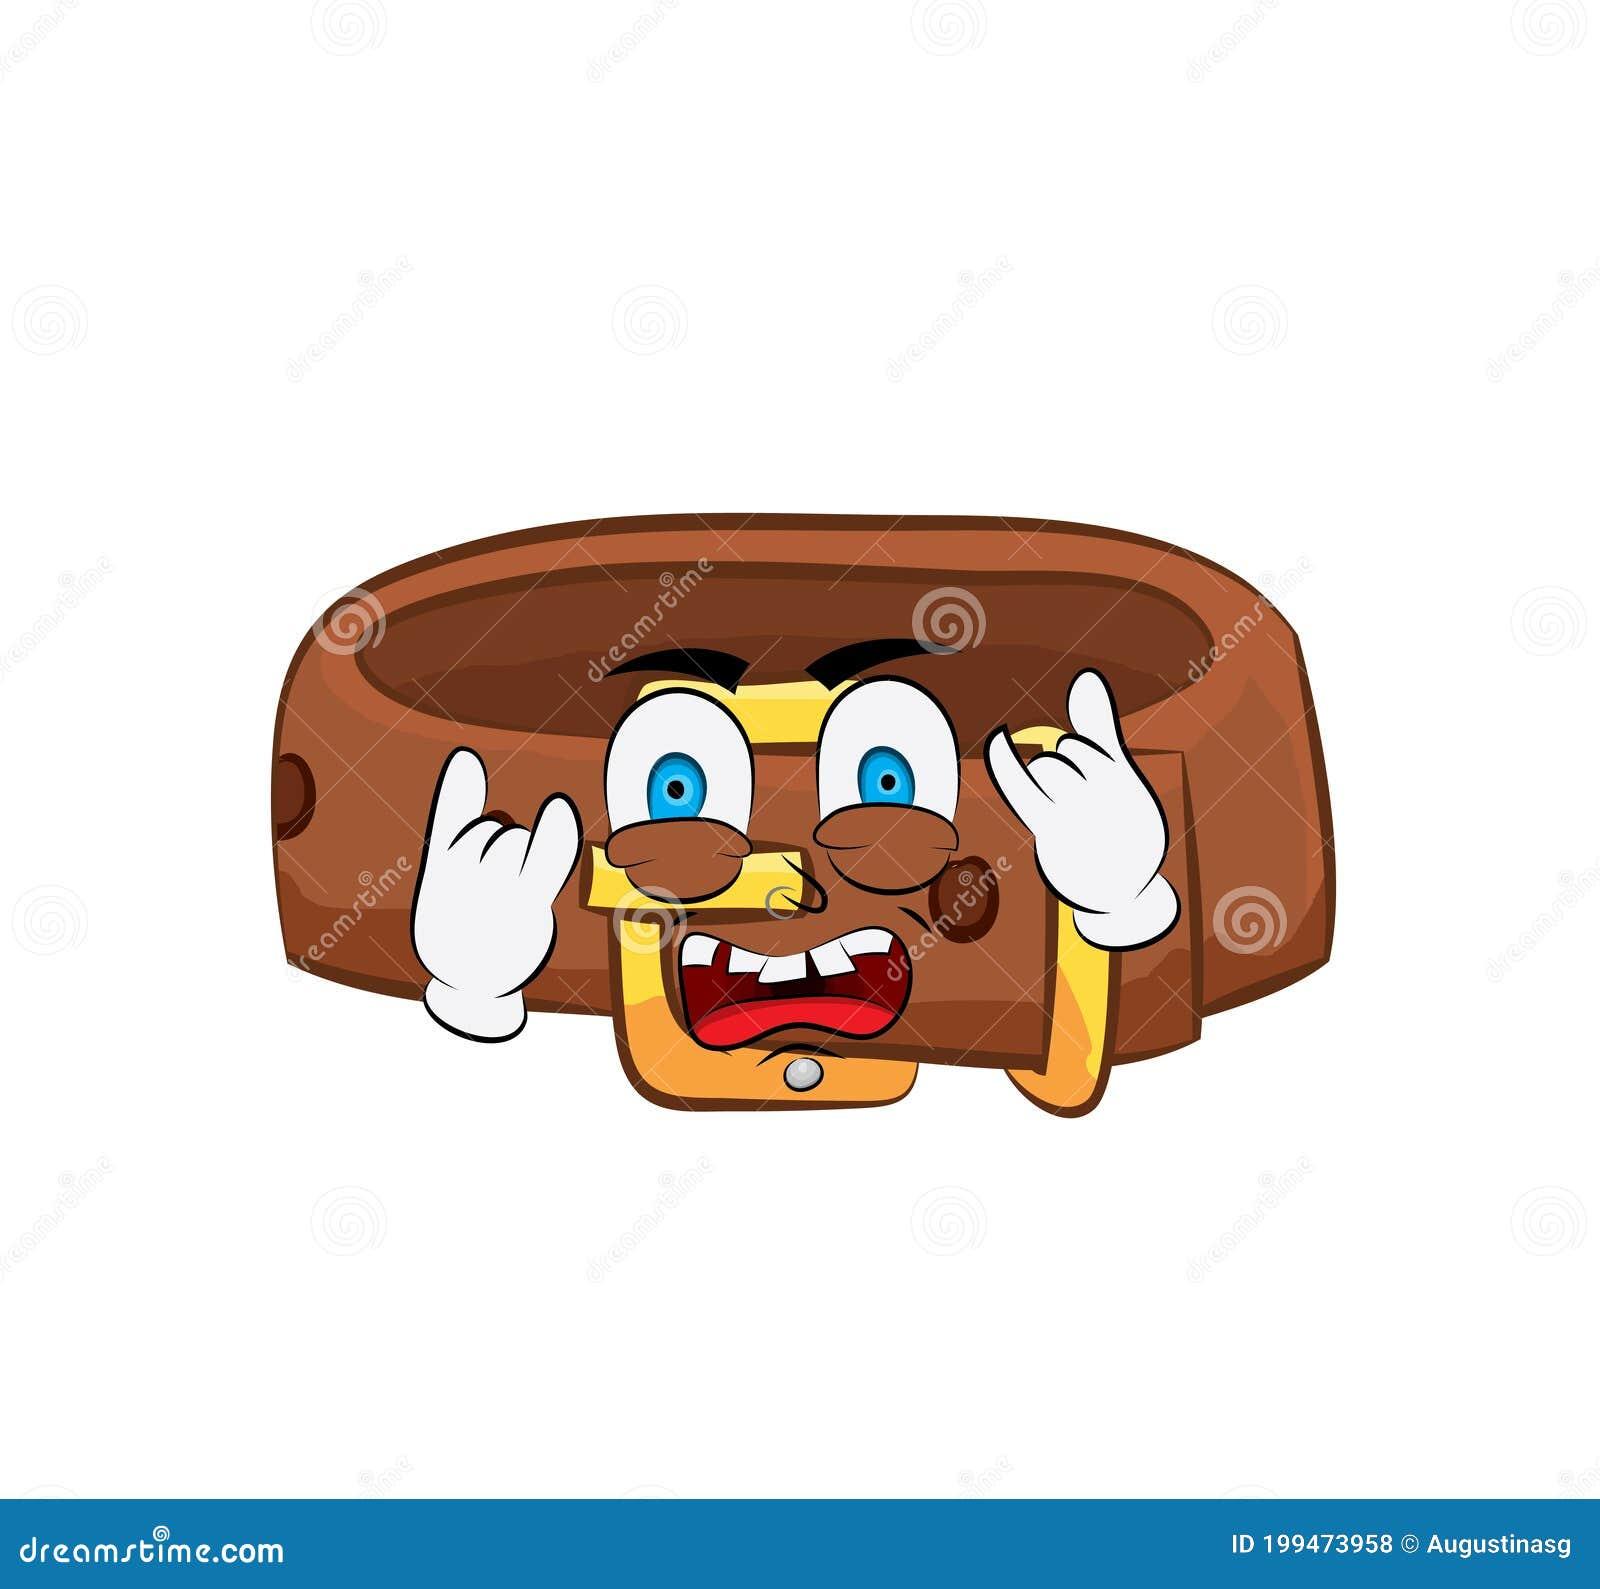 13717 Cartoon Belt Stock Illustrations Vectors Clipart Dreamstime